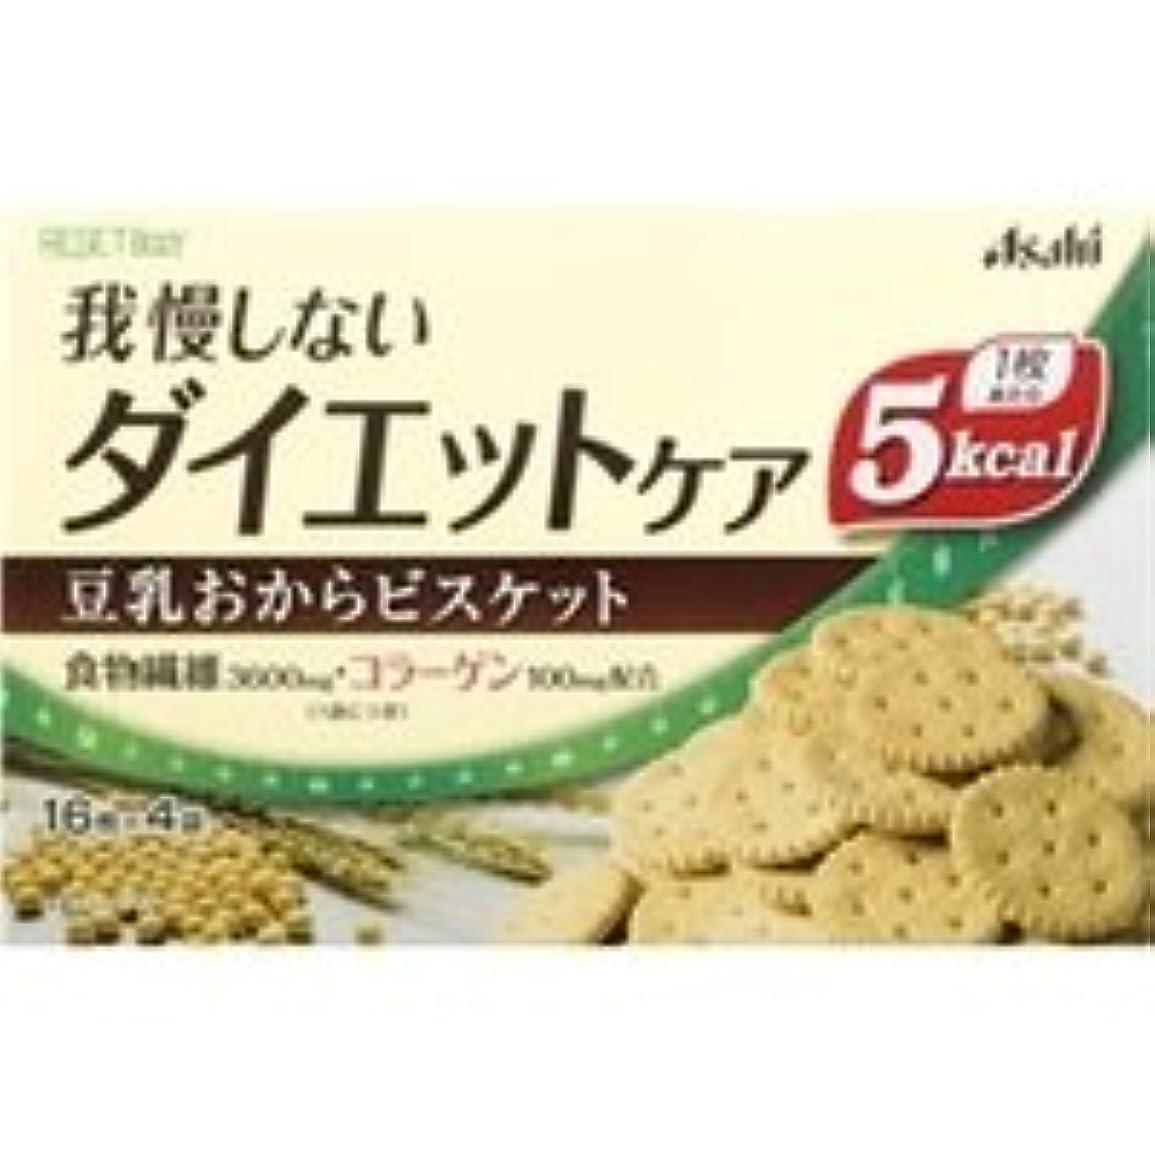 原油ますます投資リセットボディ 豆乳おからビスケット 4袋×(24セット)